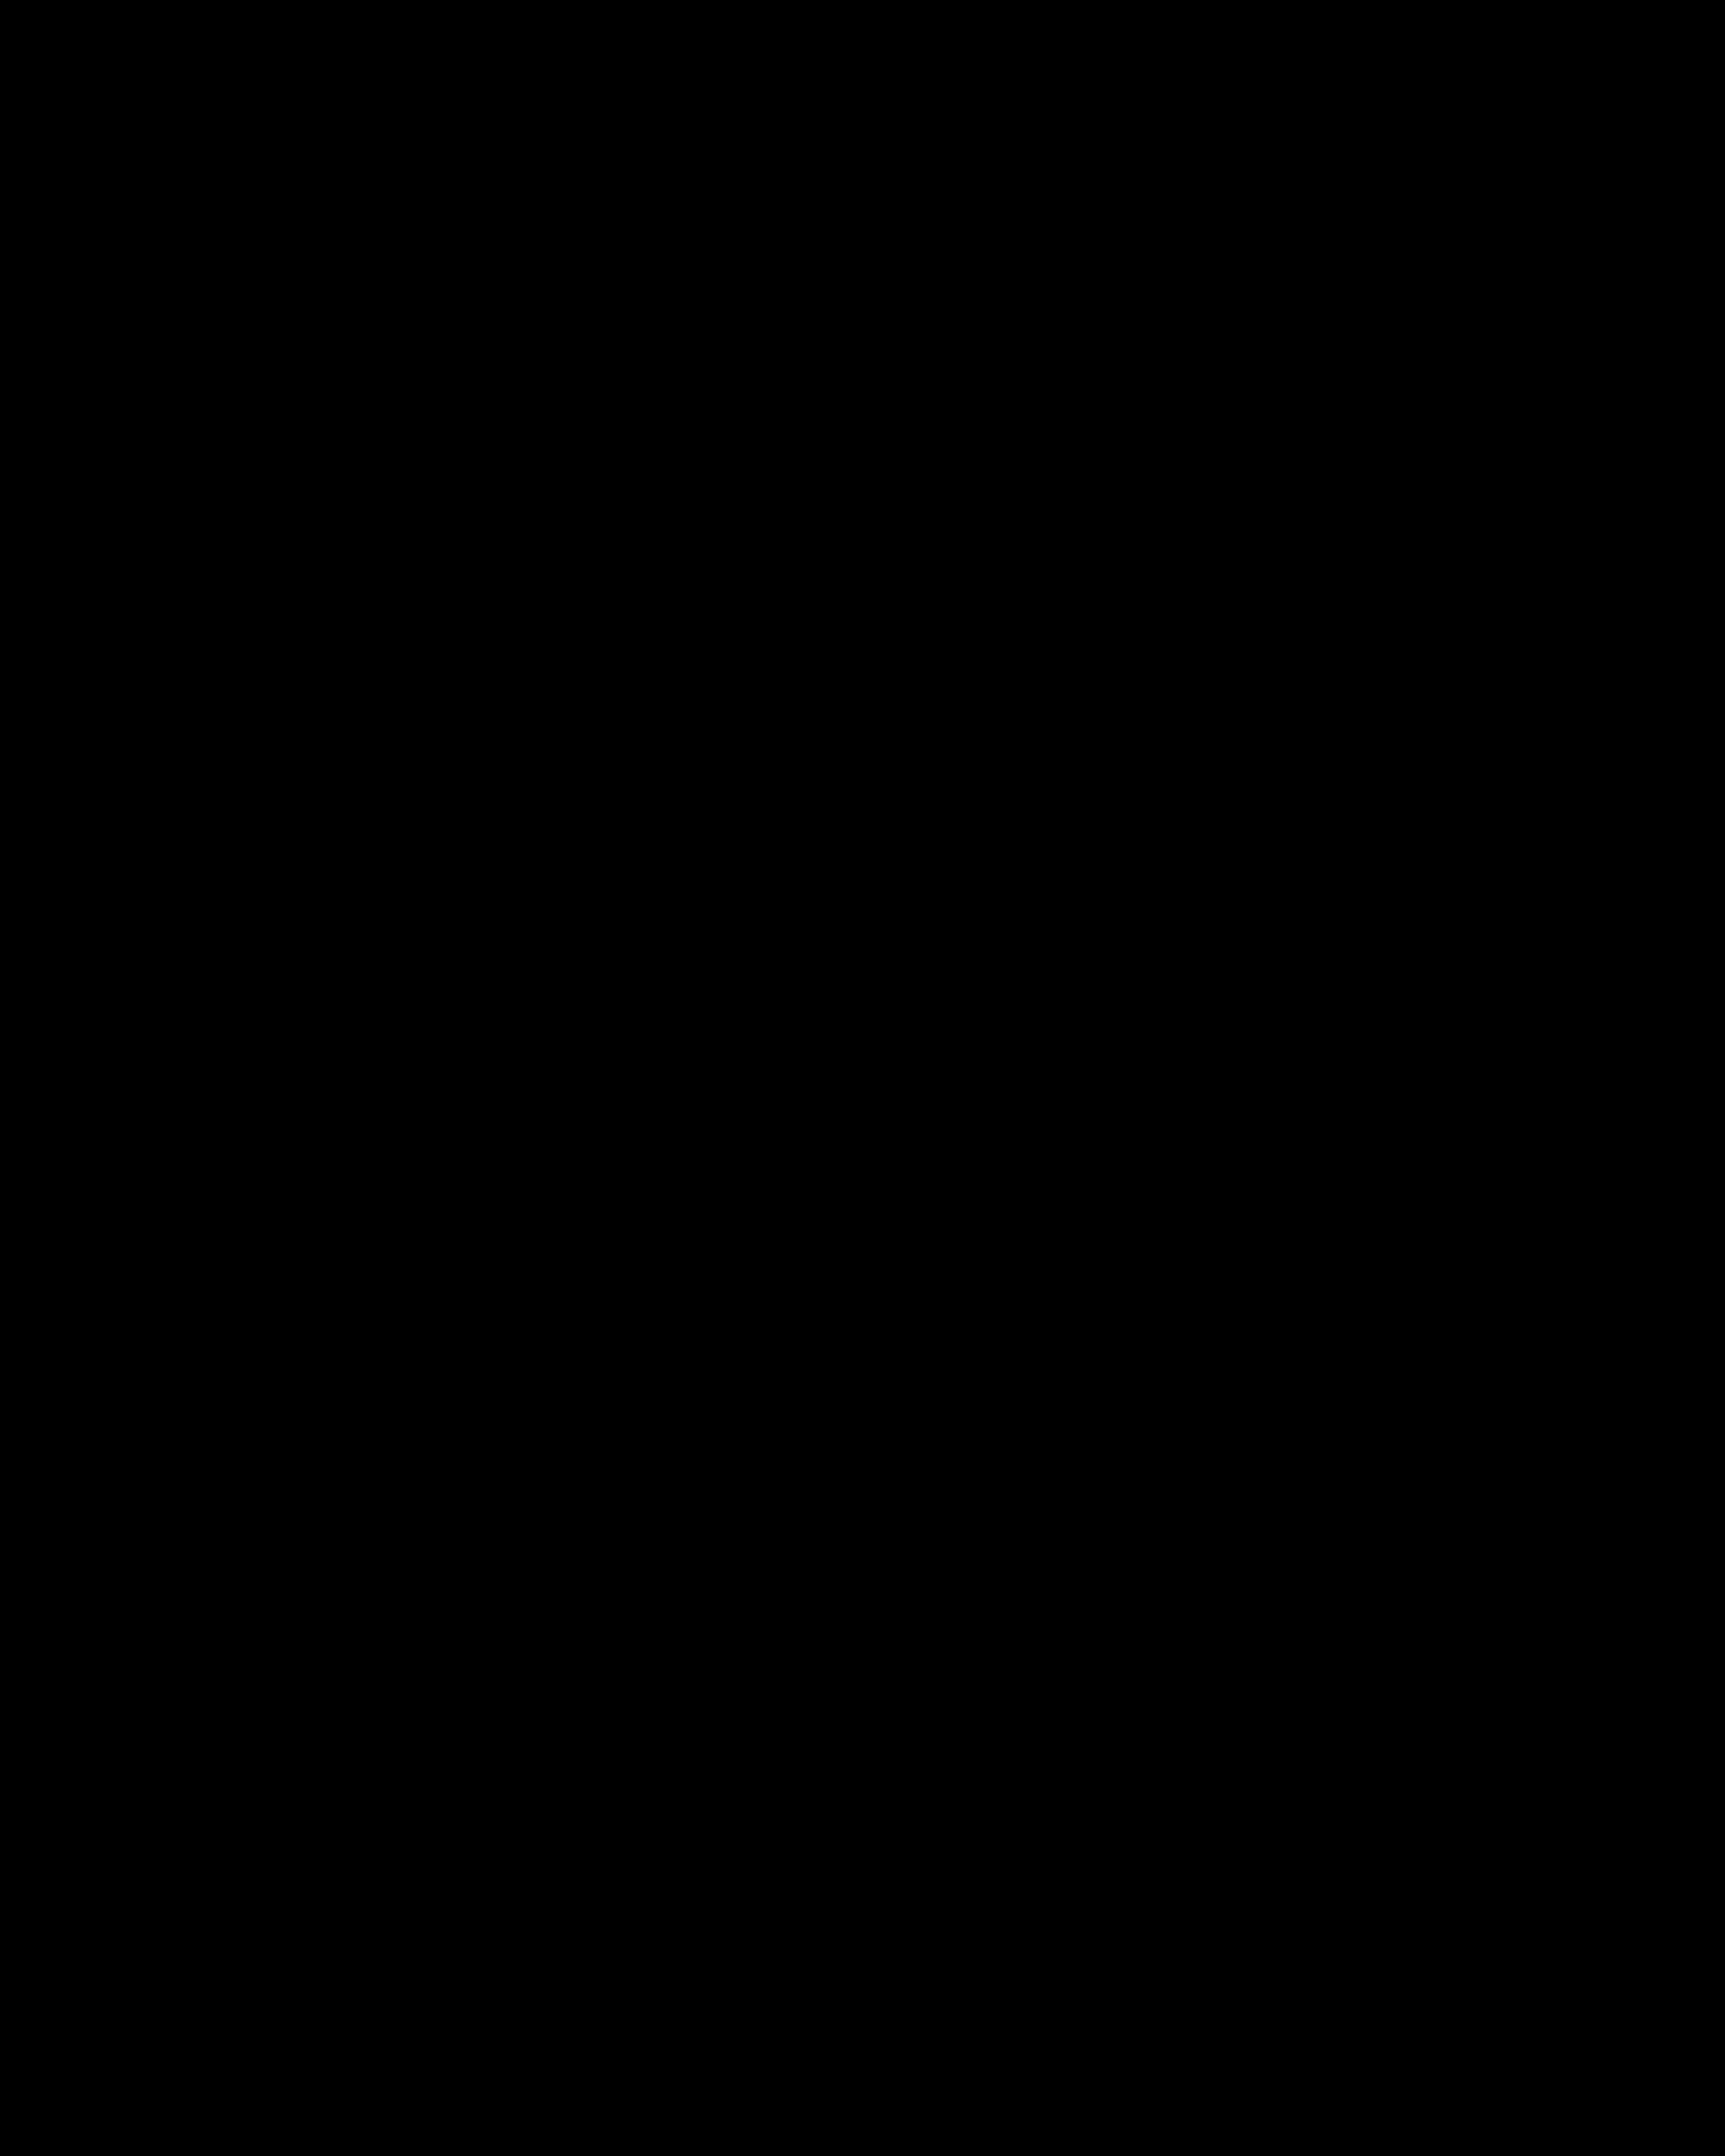 Sherwin Russel Moriyama